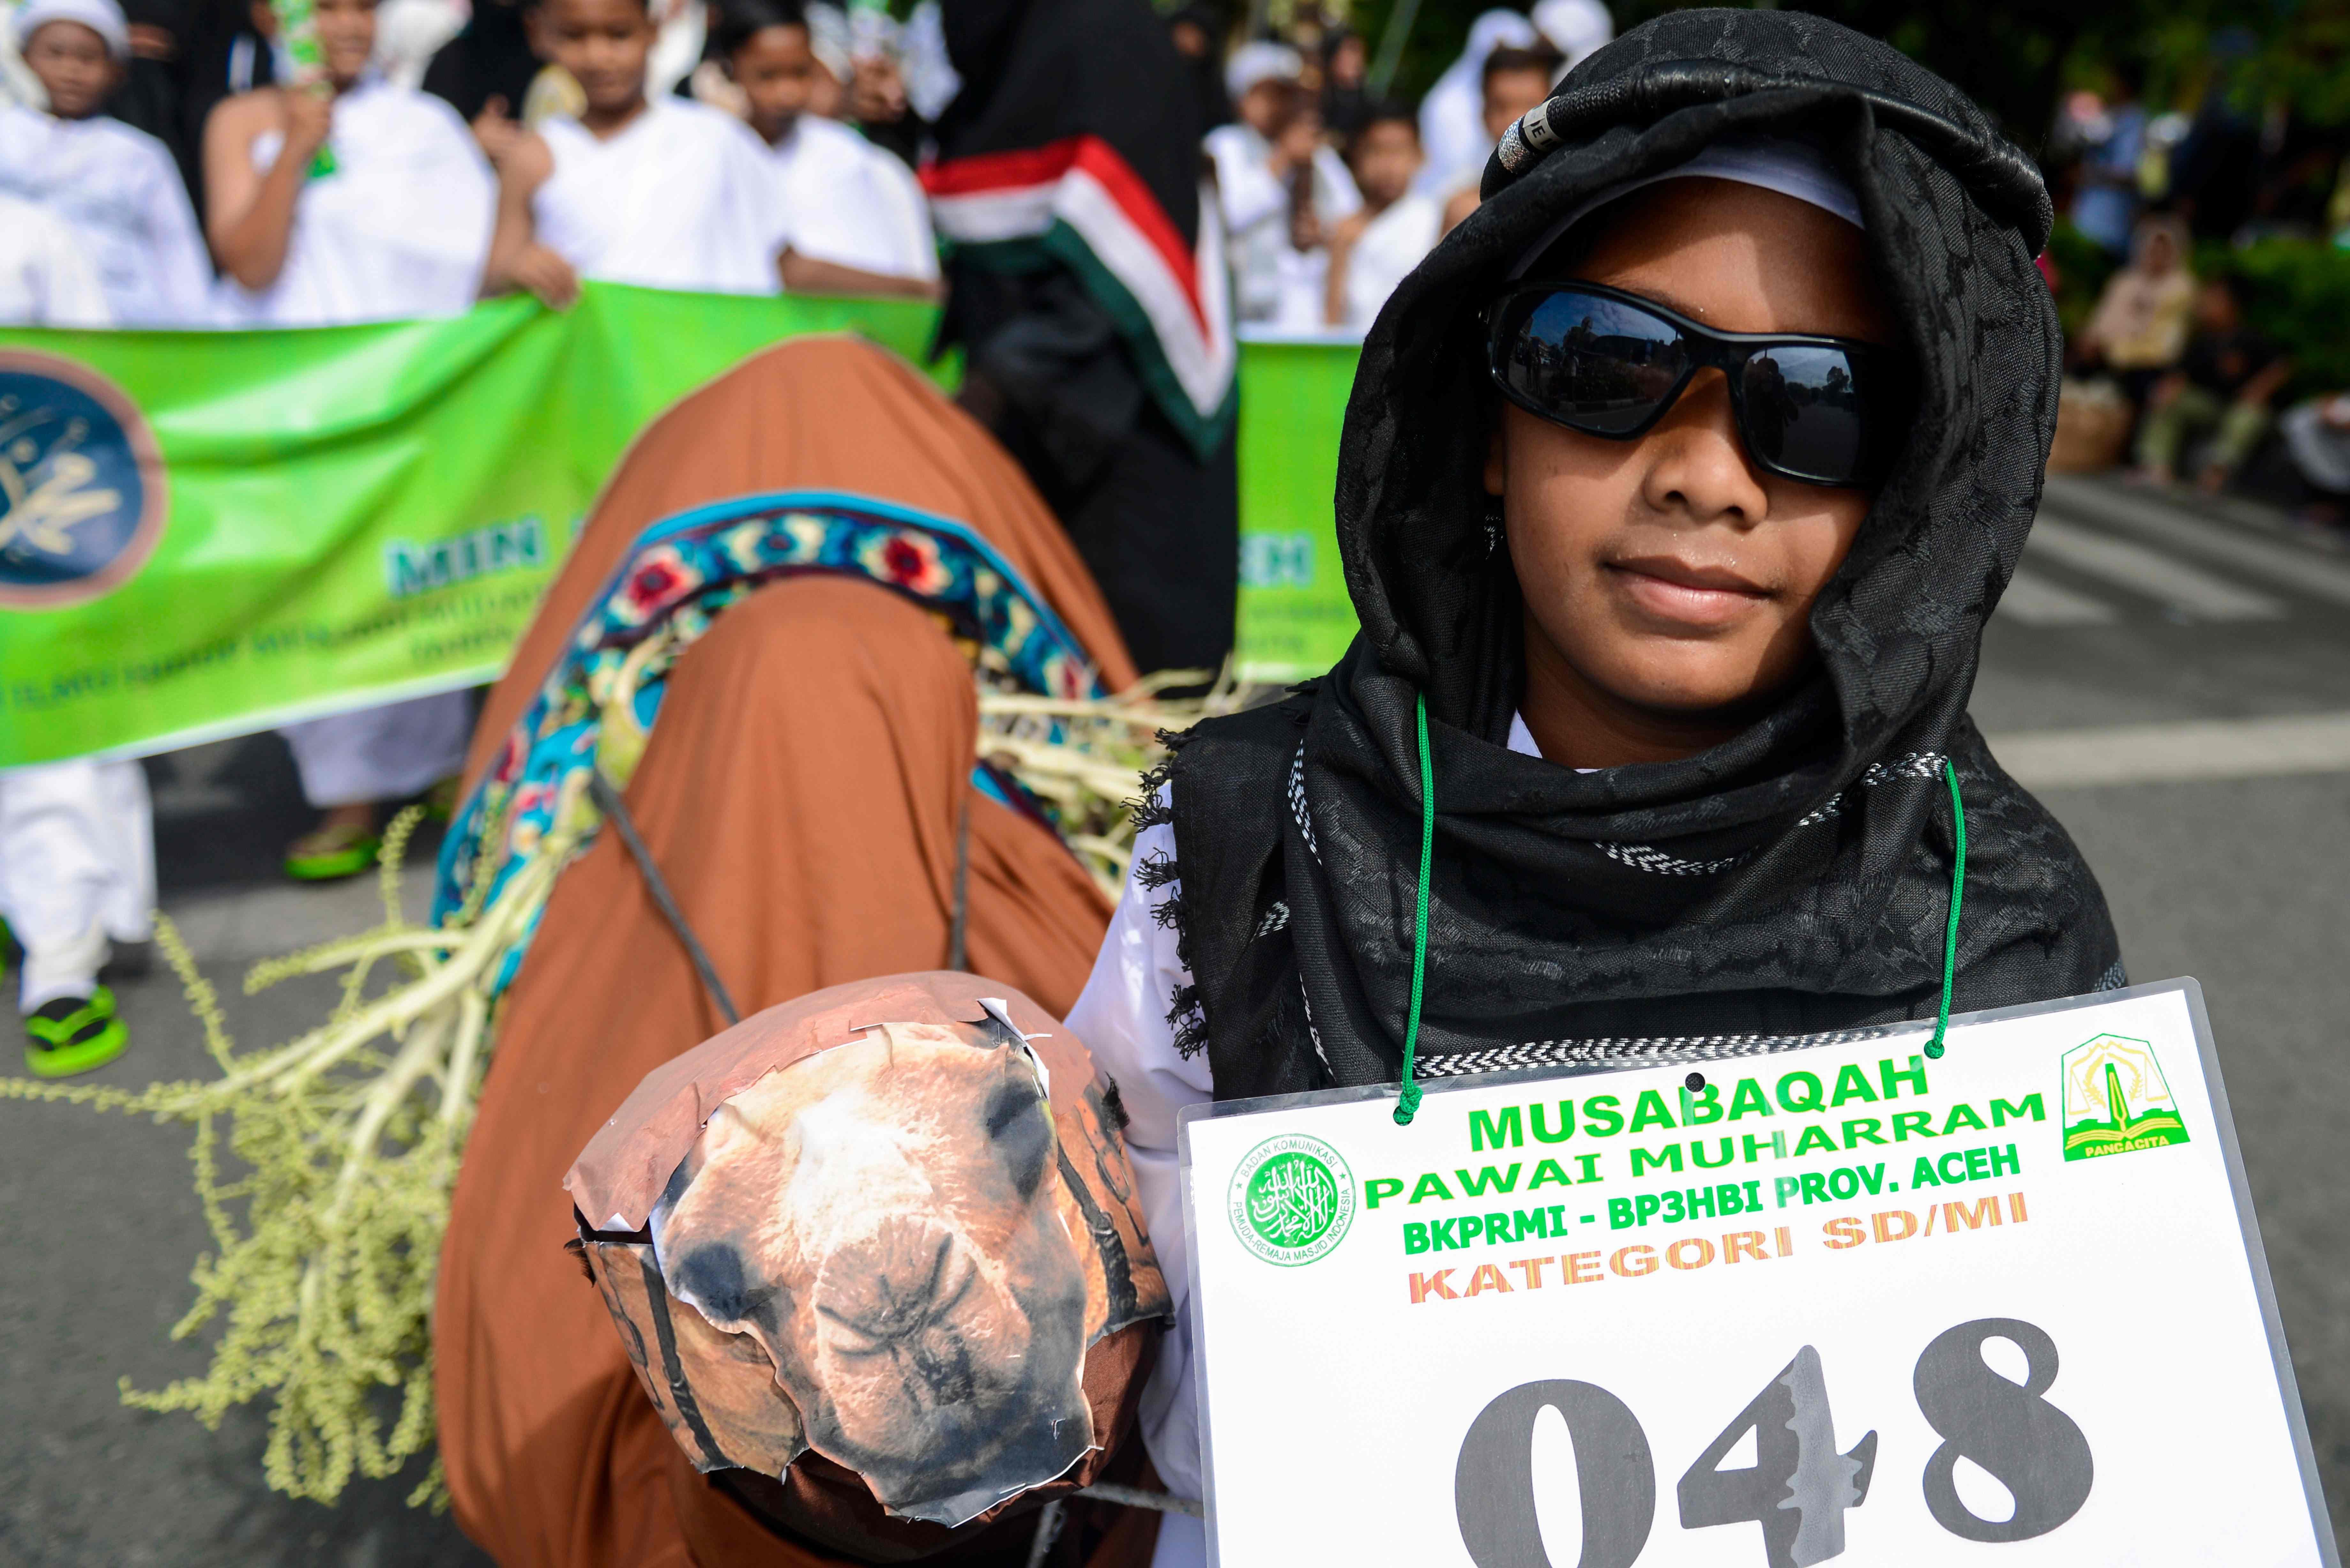 فتاه ترفع لافتة مشاركتها فى الموكب